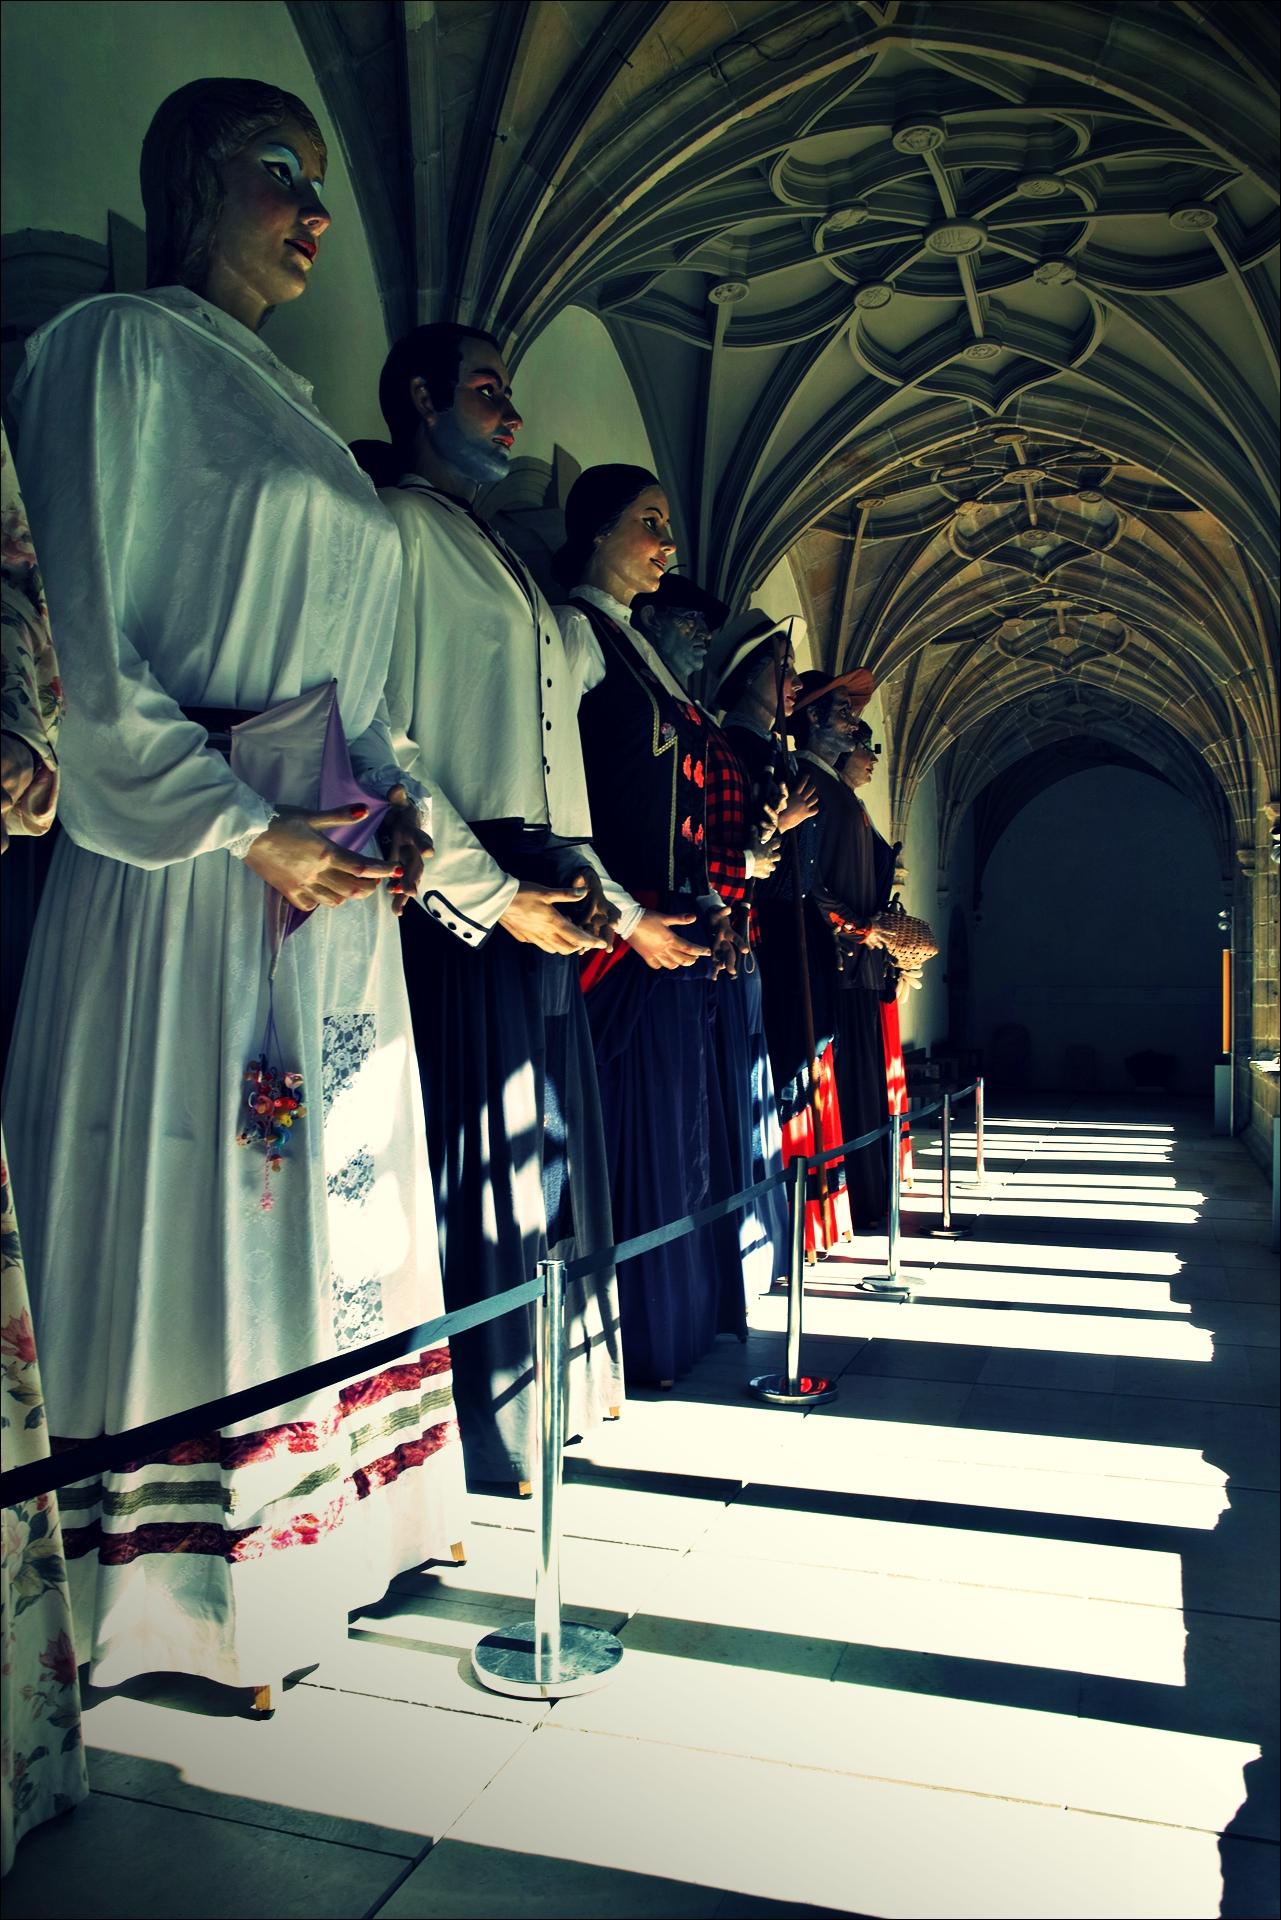 산 텔모 박물관 -'산세바스티안 San Sebastian, Donostia'